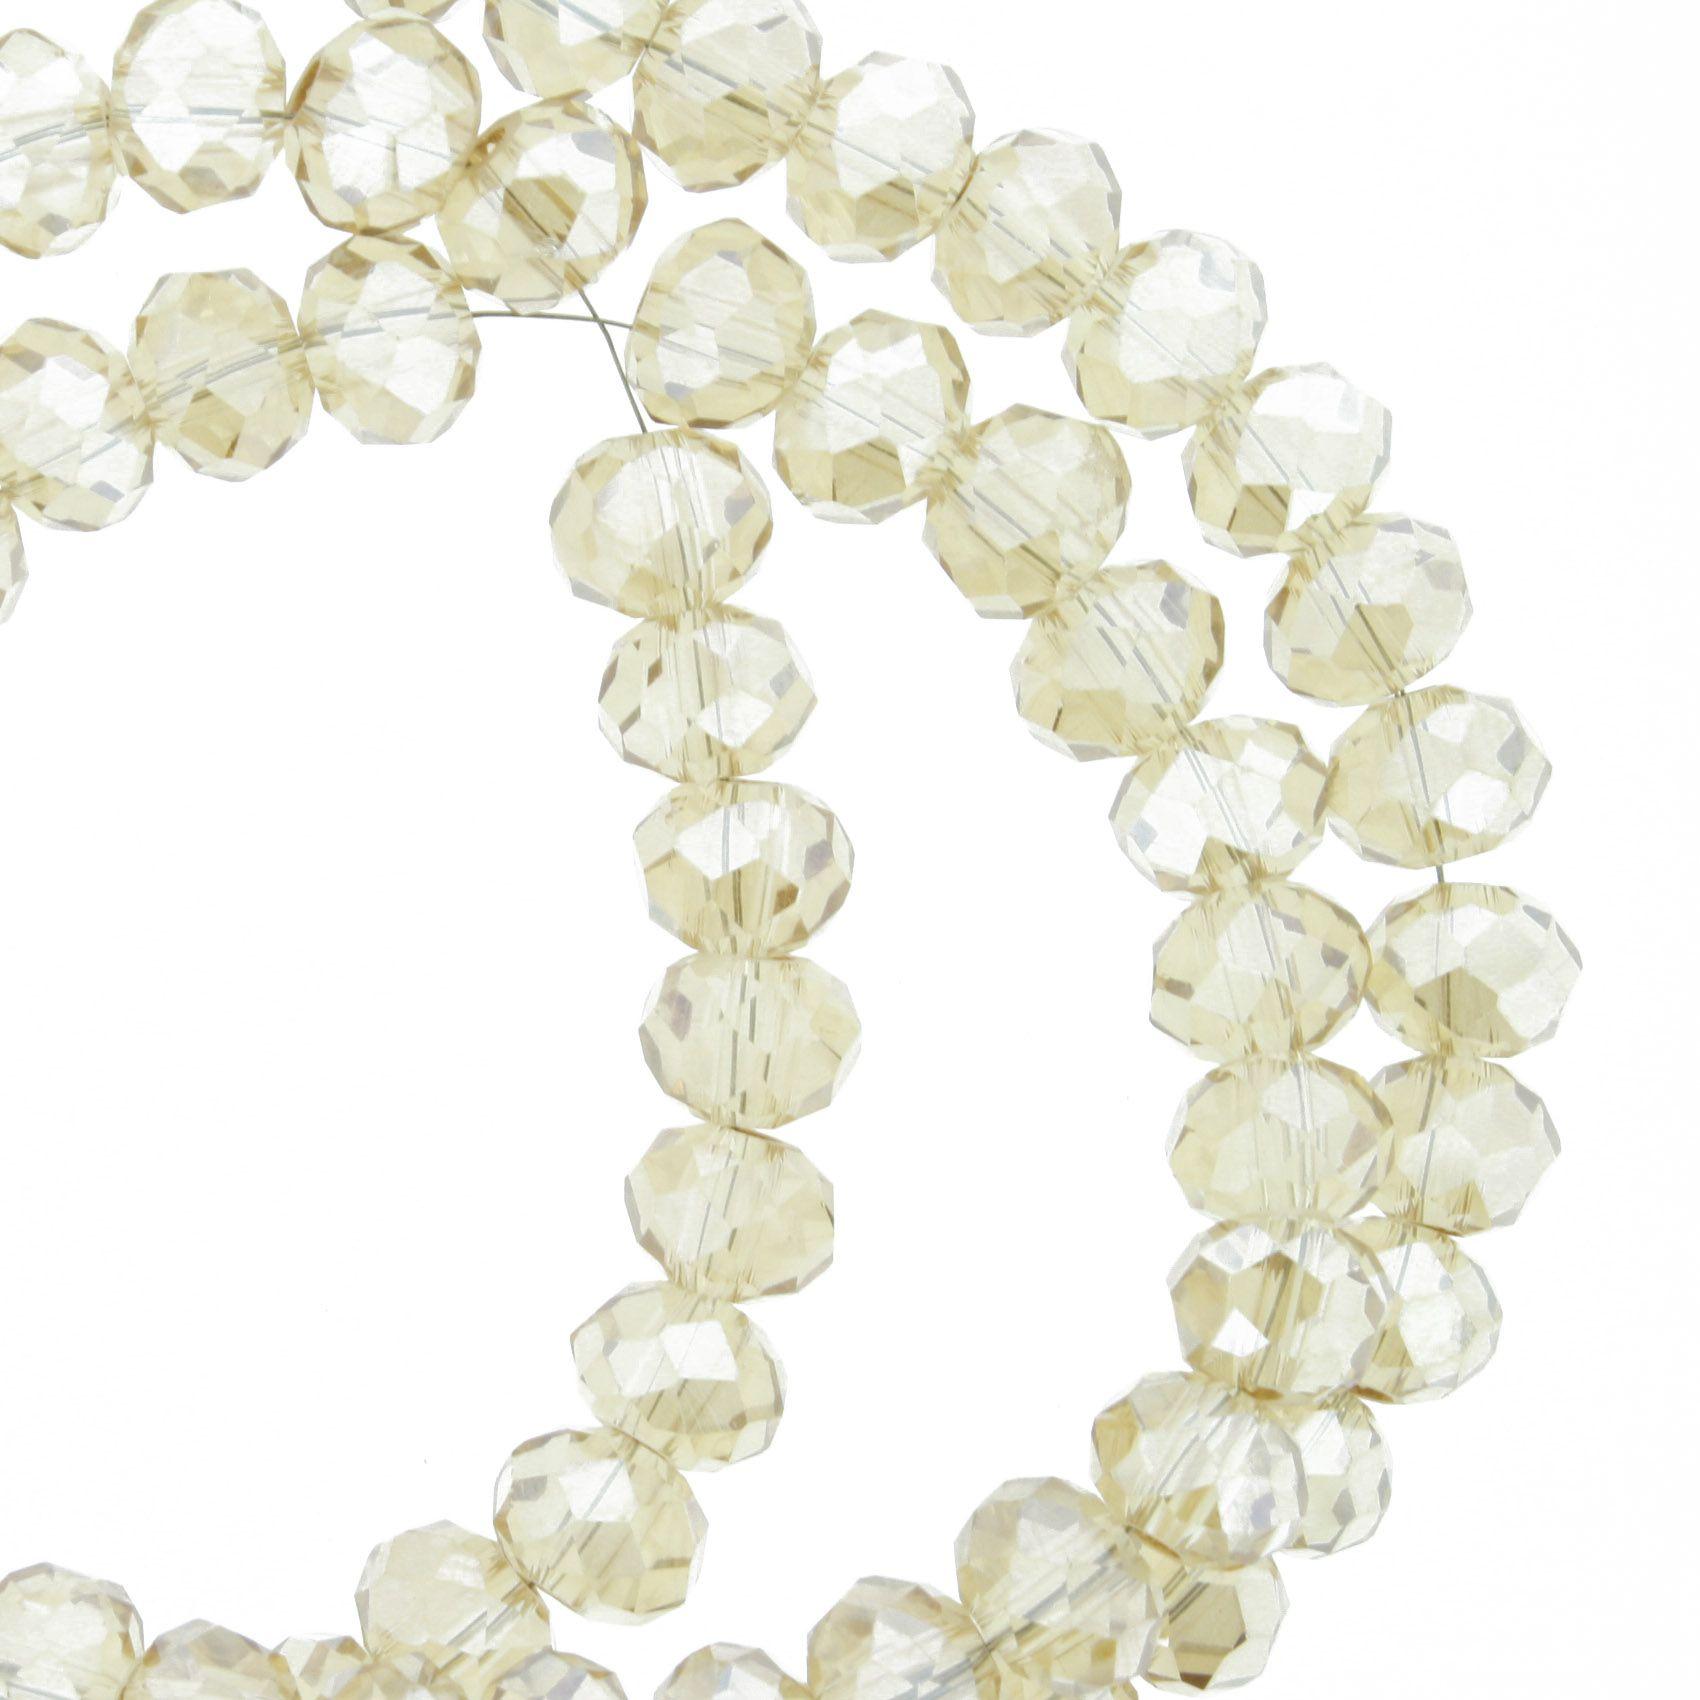 Fio de Cristal - Flat® - Bege Irizado Transparente - 6mm  - Stéphanie Bijoux® - Peças para Bijuterias e Artesanato